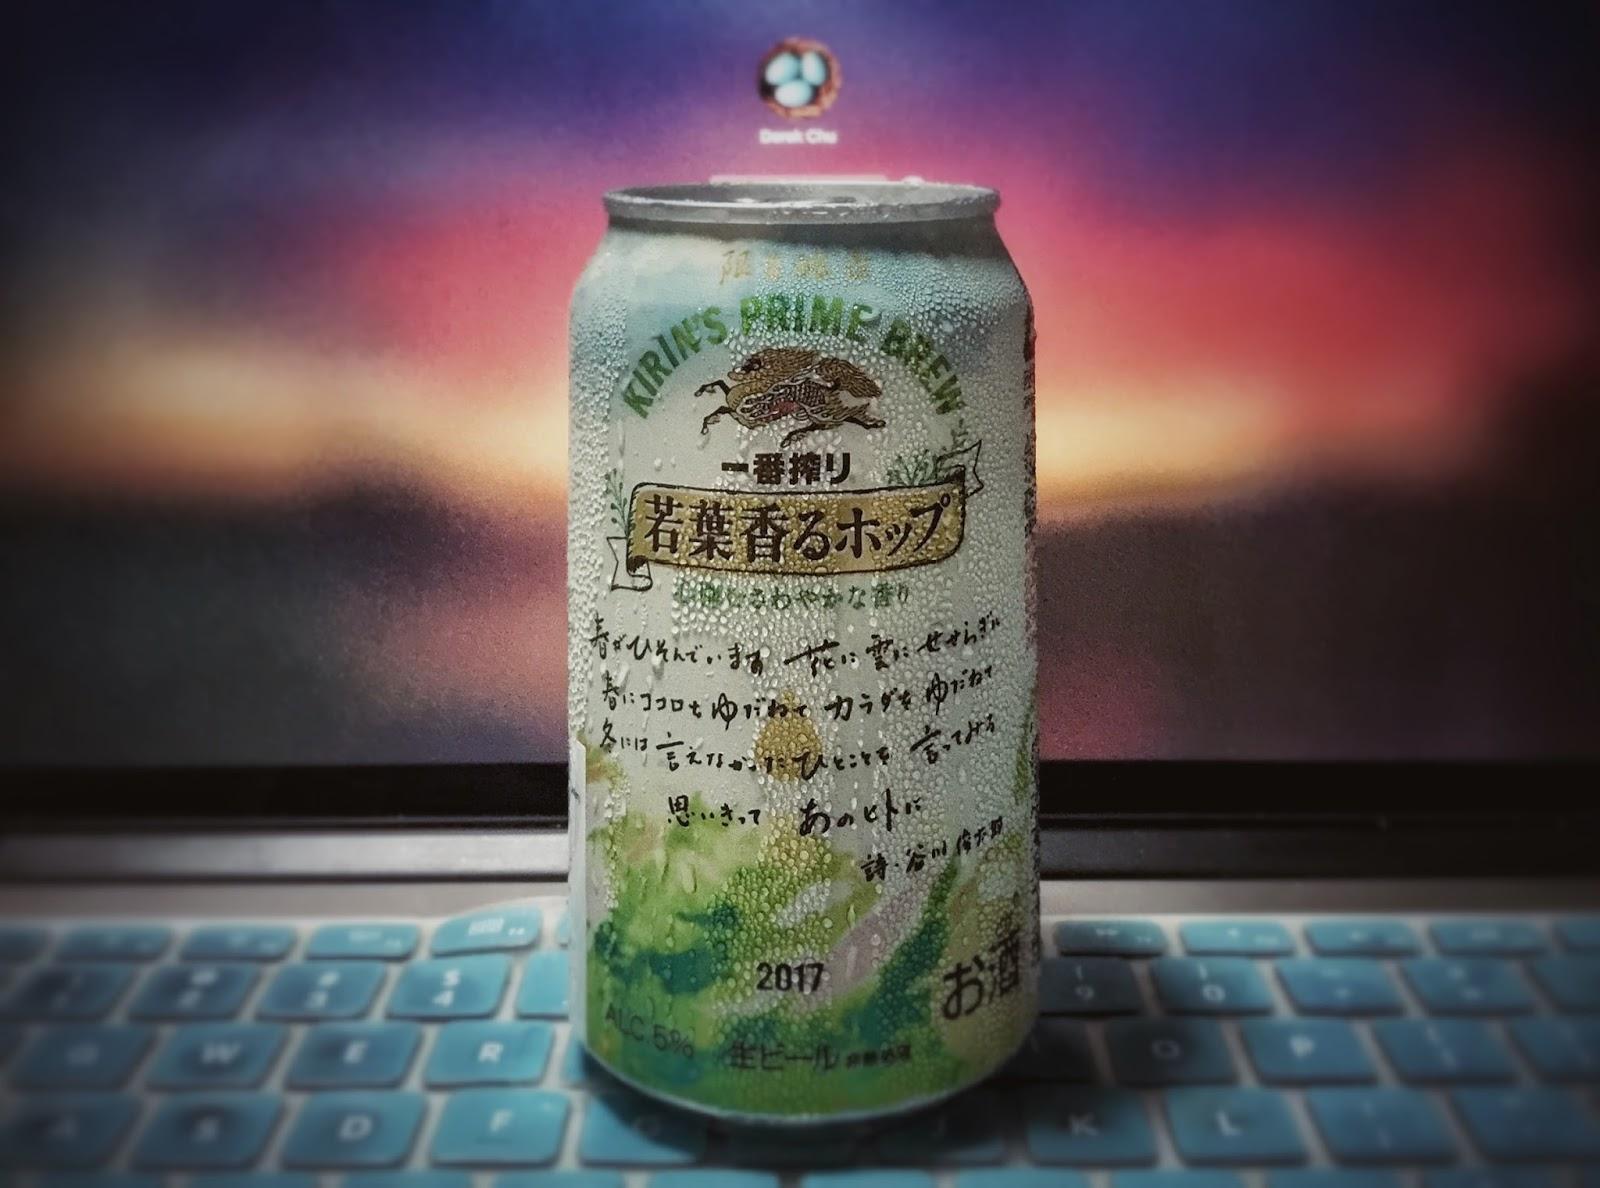 【#港生活】試飲報告 - 「Kirin 一番搾 若葉香」季節限定釀造